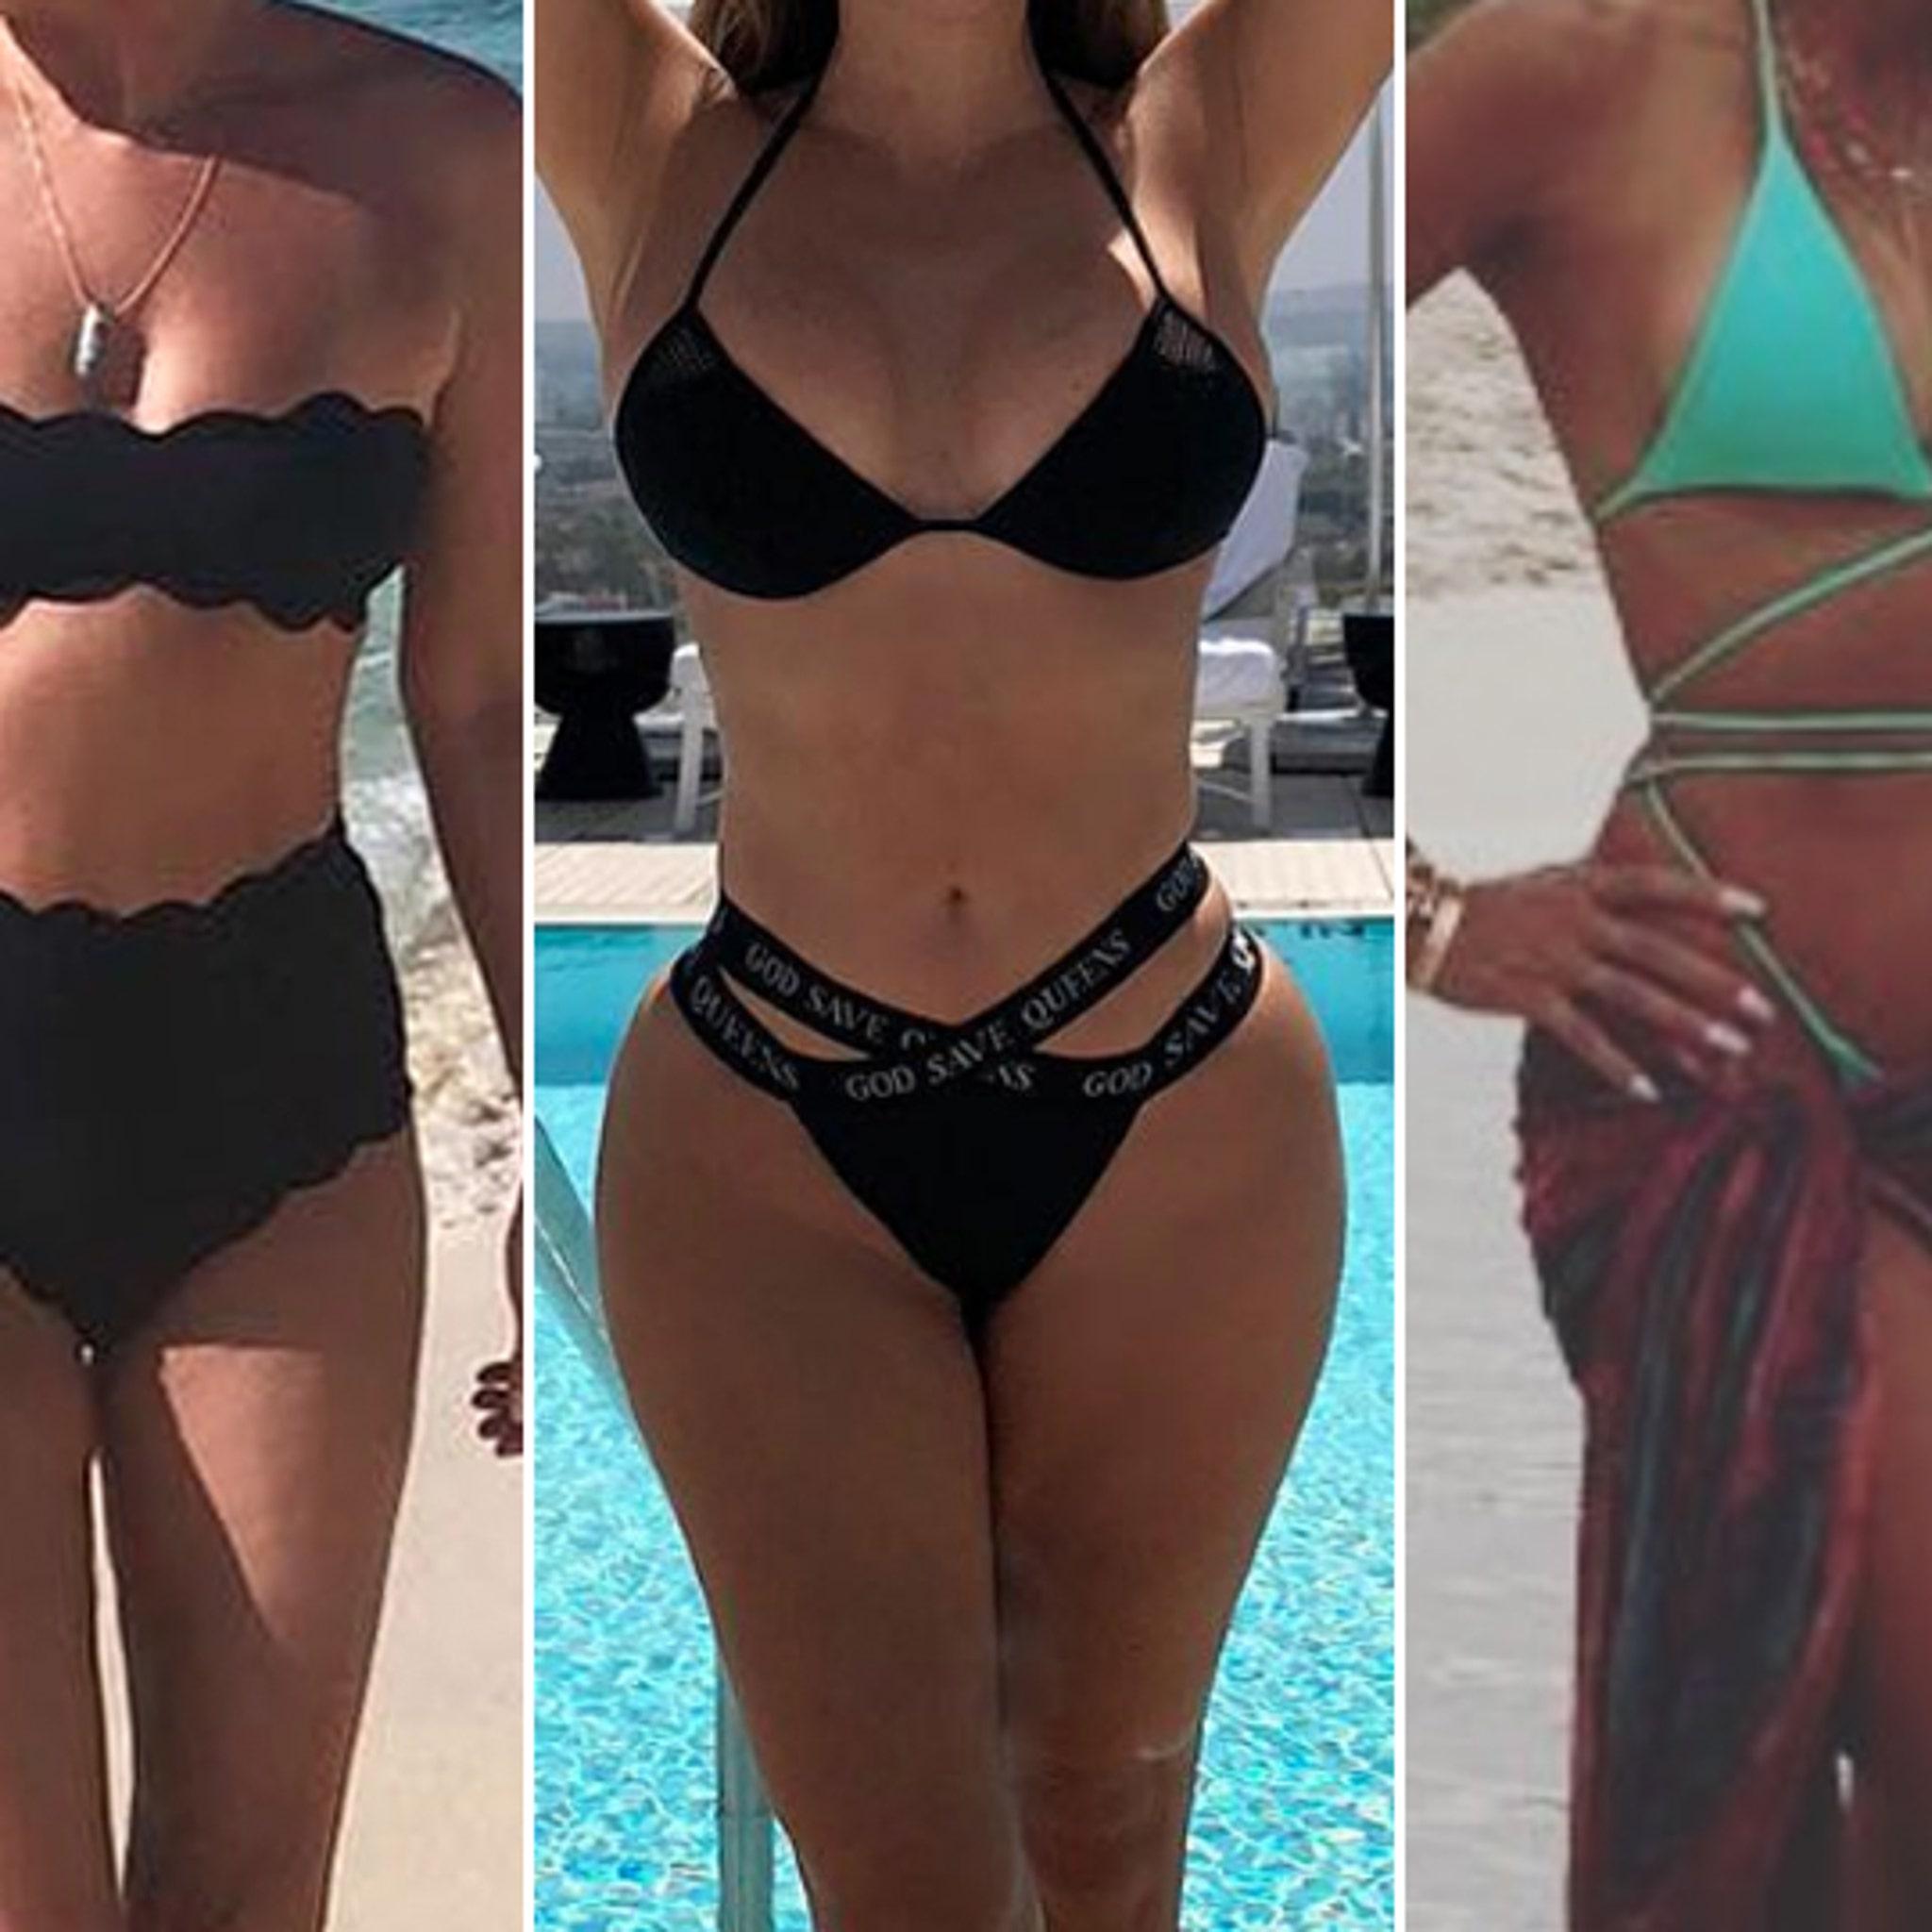 Asian bikini model nude pic